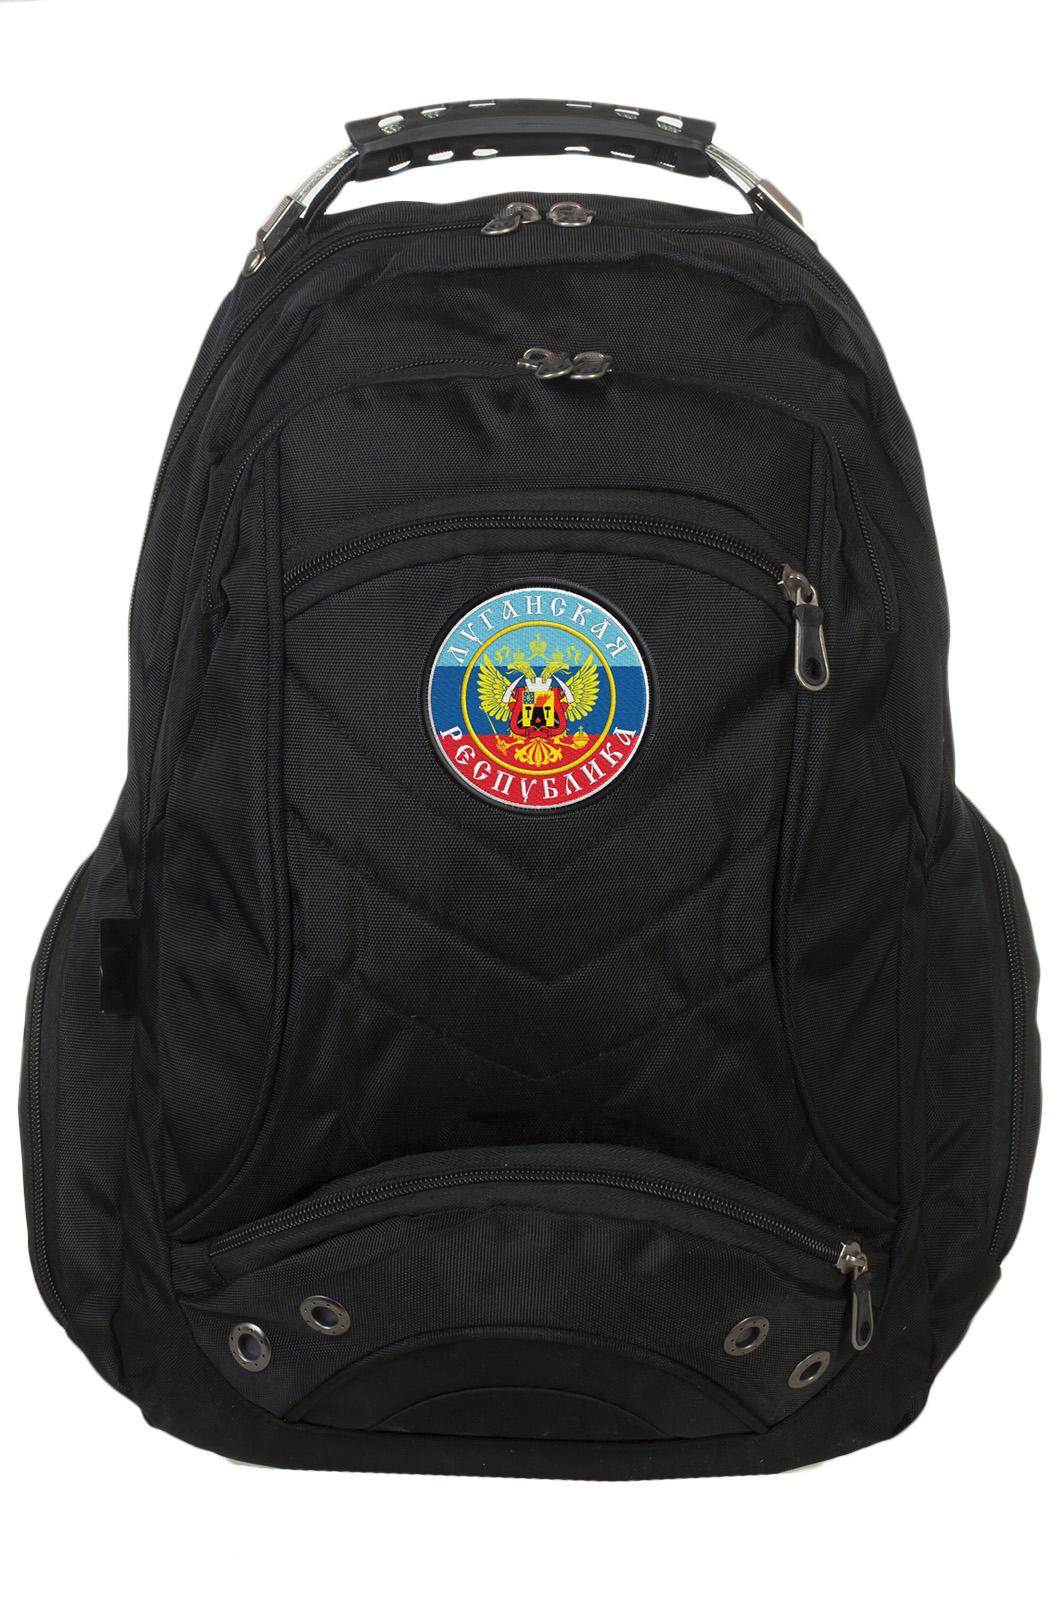 Оригинальный городской рюкзак с гербом ЛНР